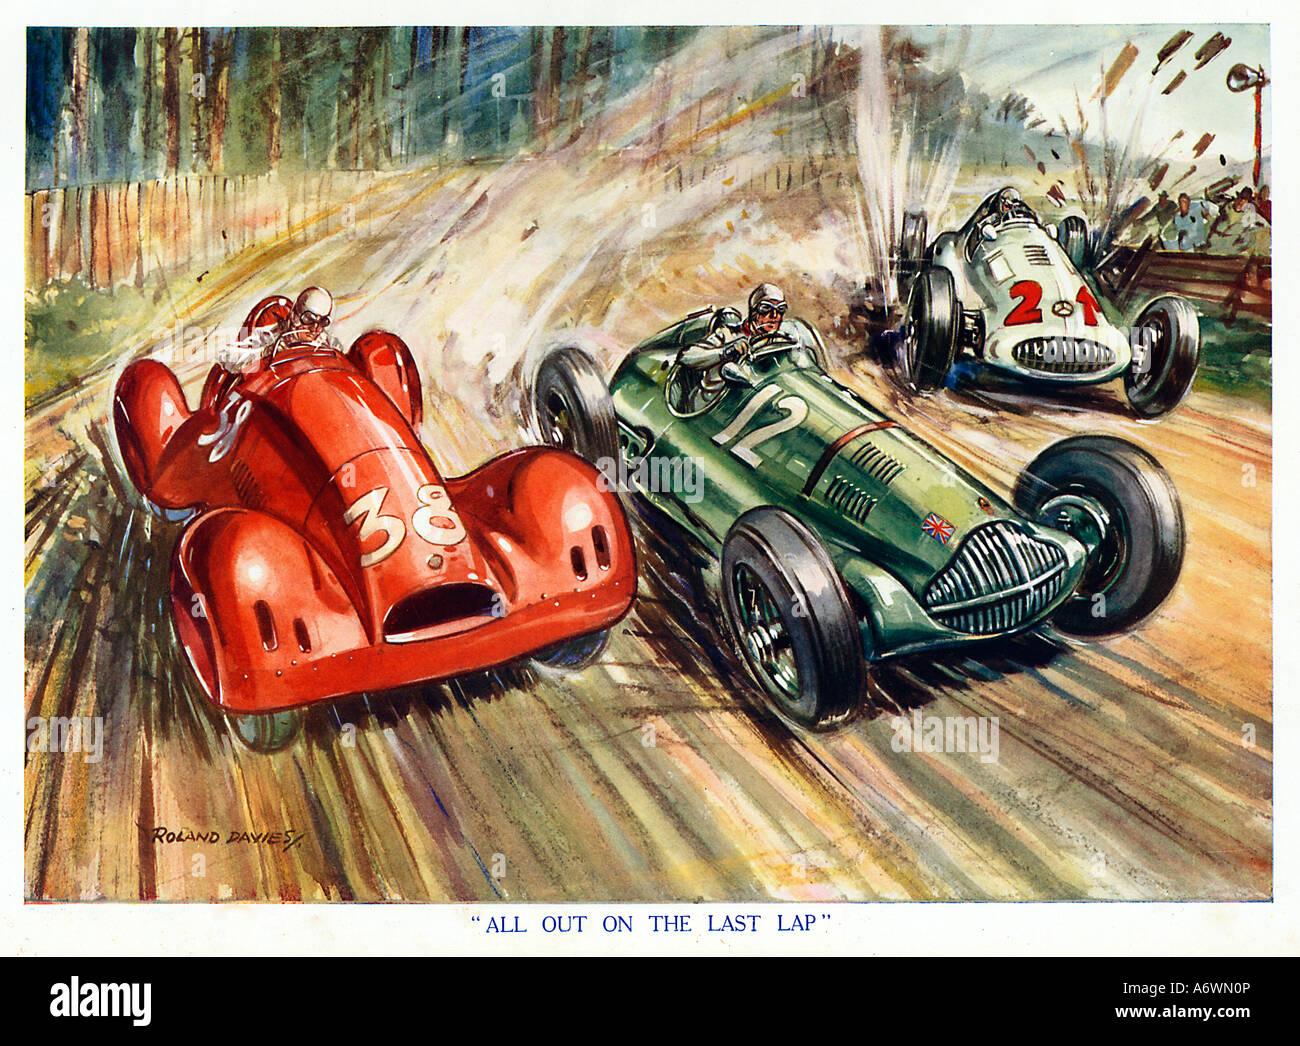 Tous sur le dernier Tour 1930 s garçons magazine illustration de l'apogée d'une course automobile Photo Stock